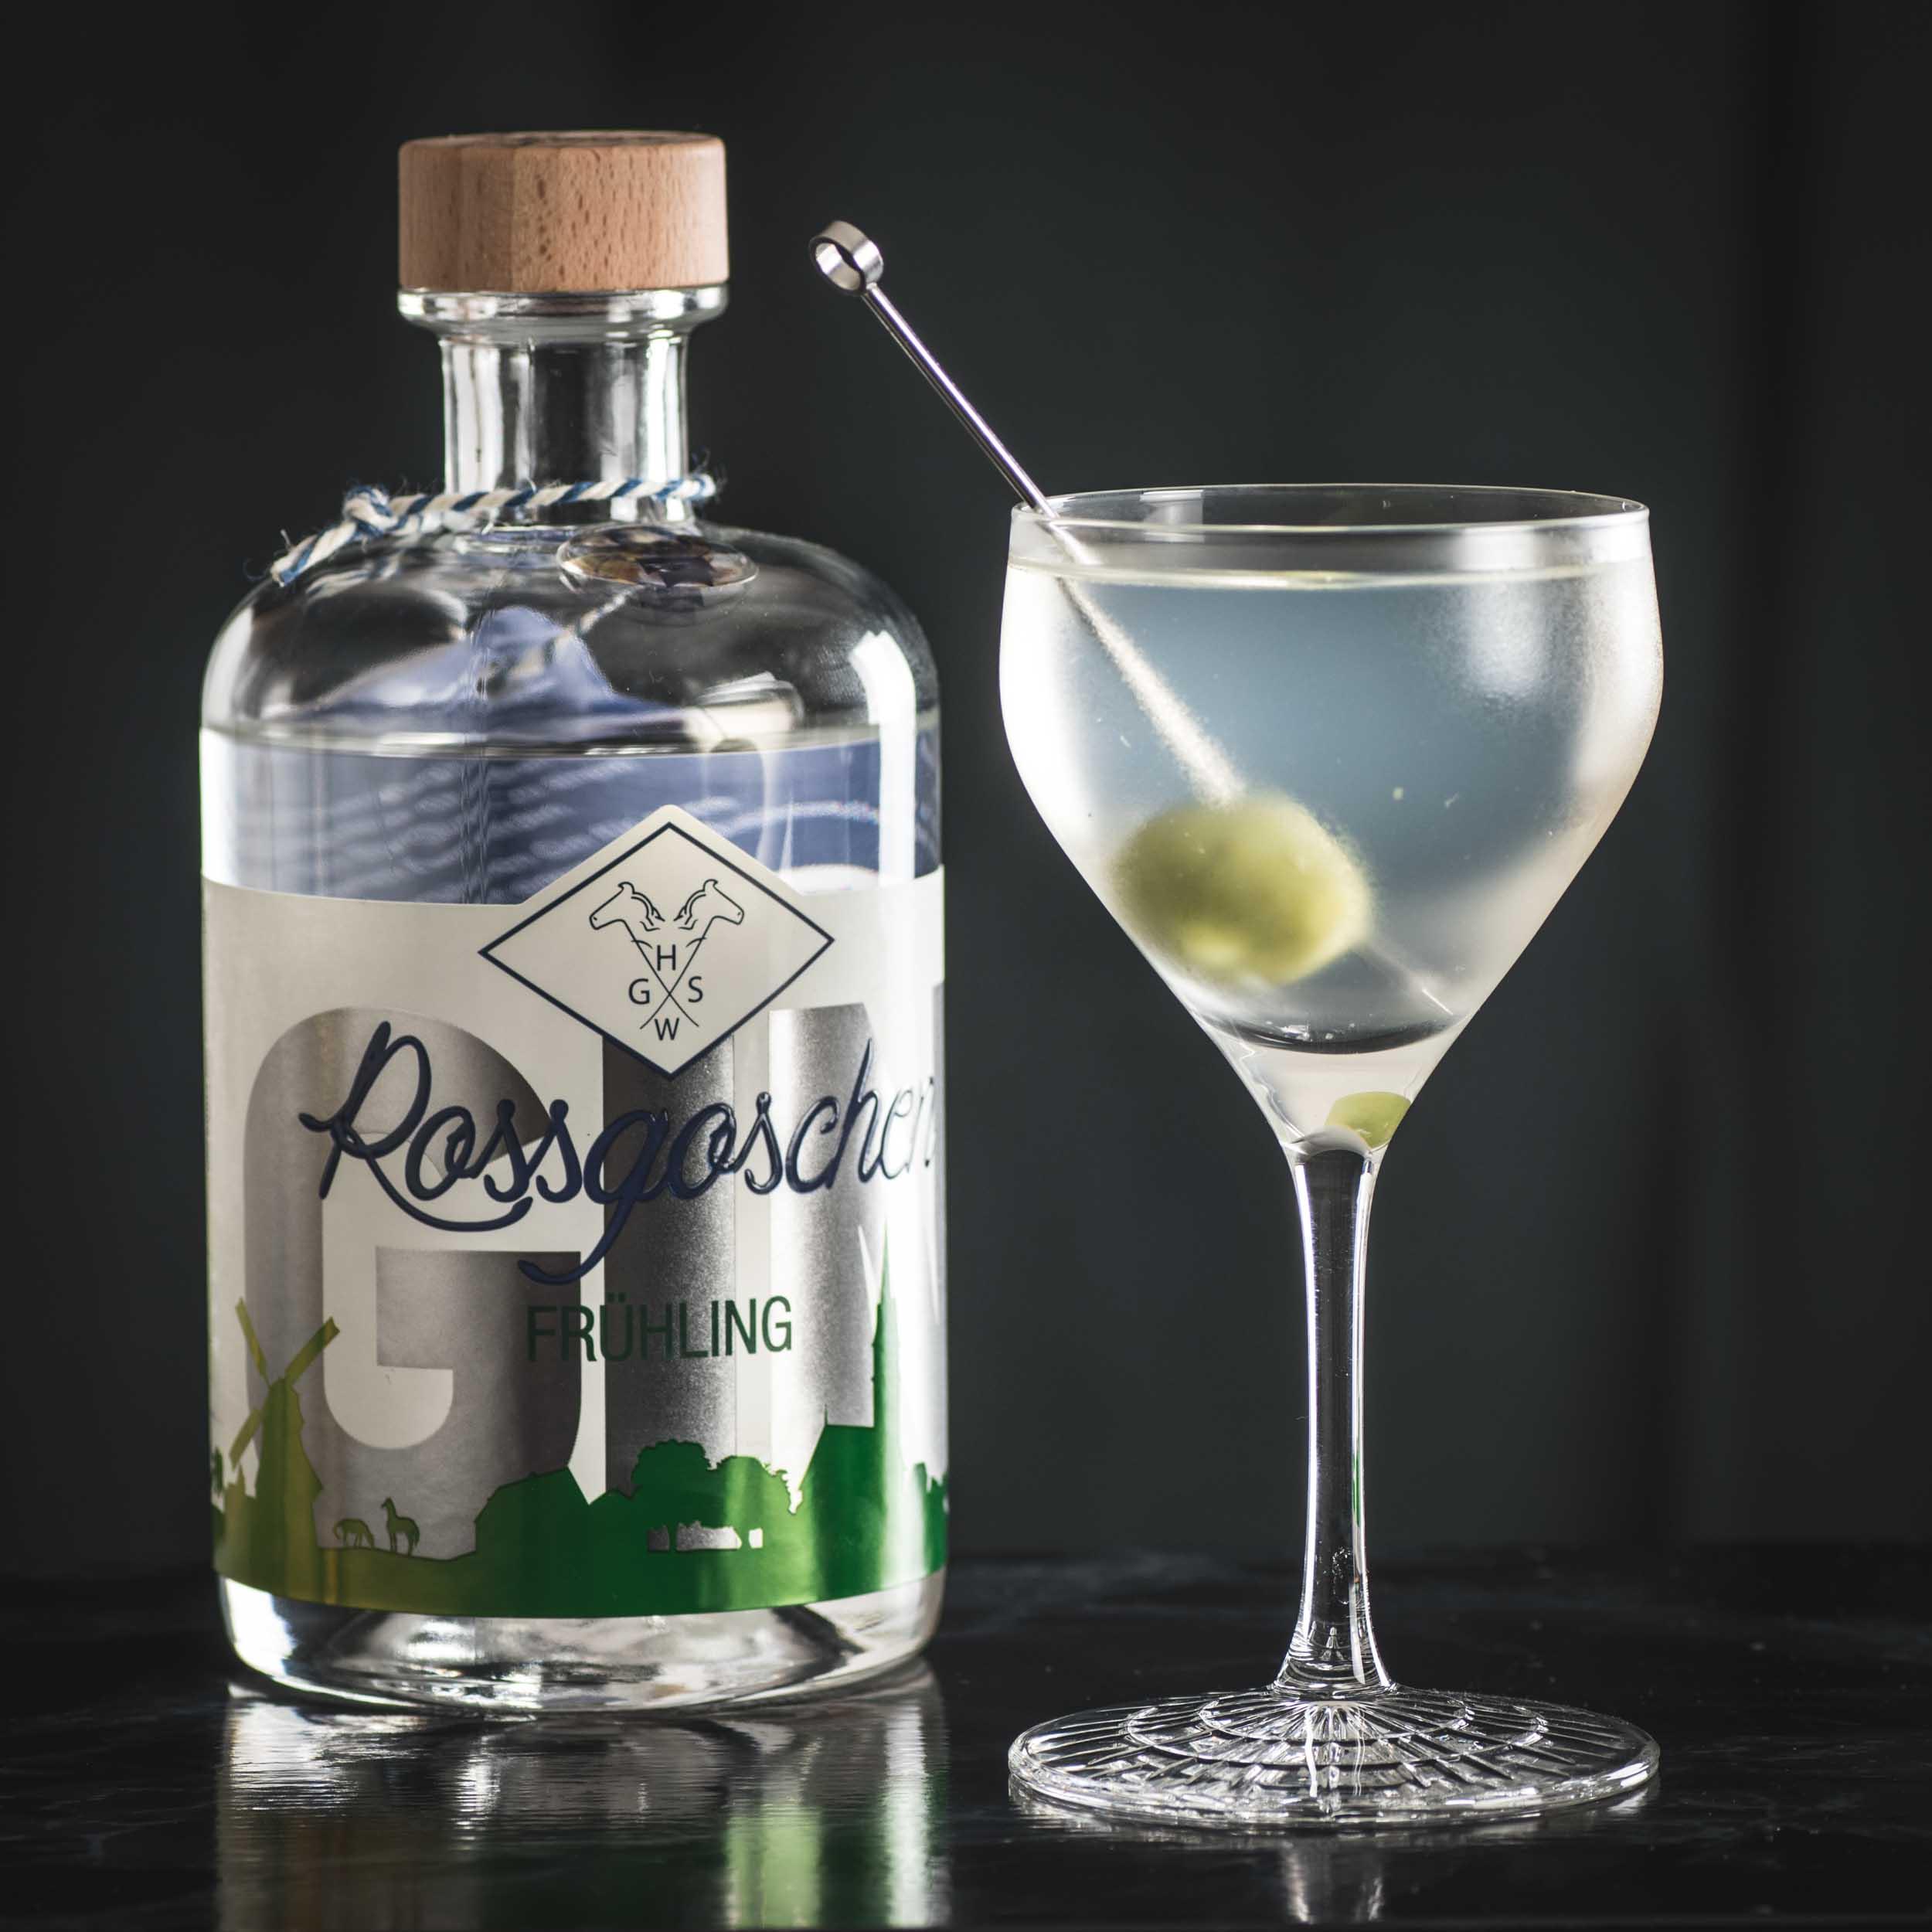 Rossgoschen Frühling Gin in einem Dirty Martini mit Olive.